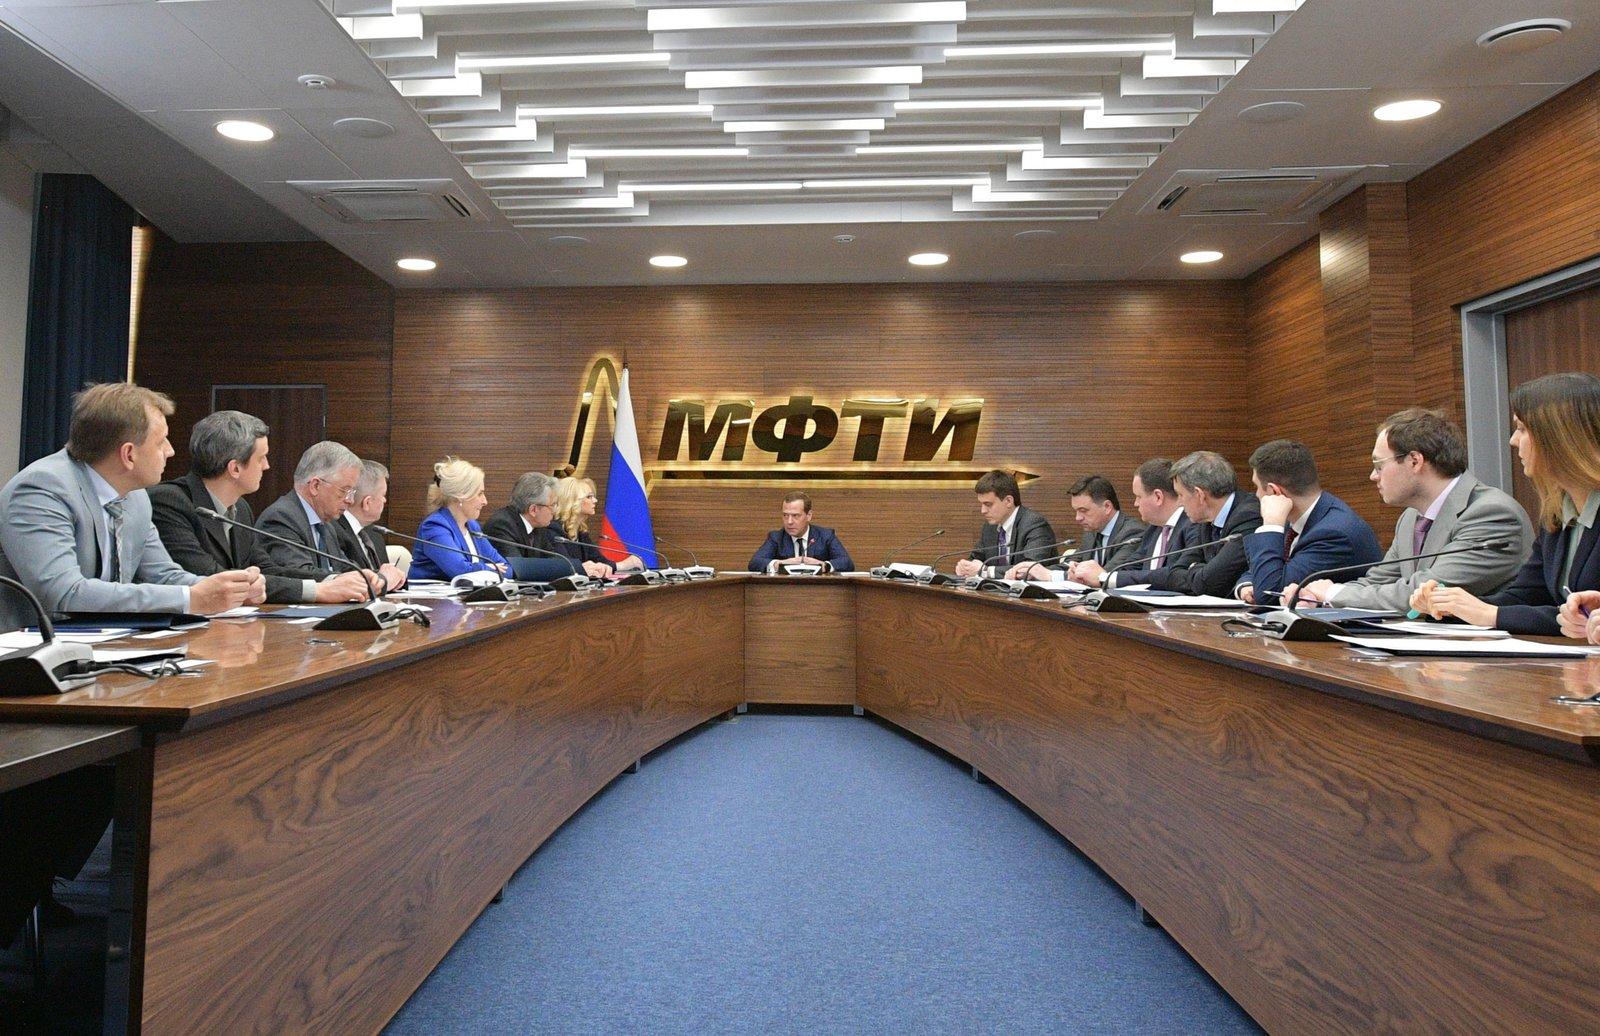 Андрей Воробьев губернатор московской области - Кадровая политика в научной сфере: Дмитрий Медведев провел совещание в МФТИ